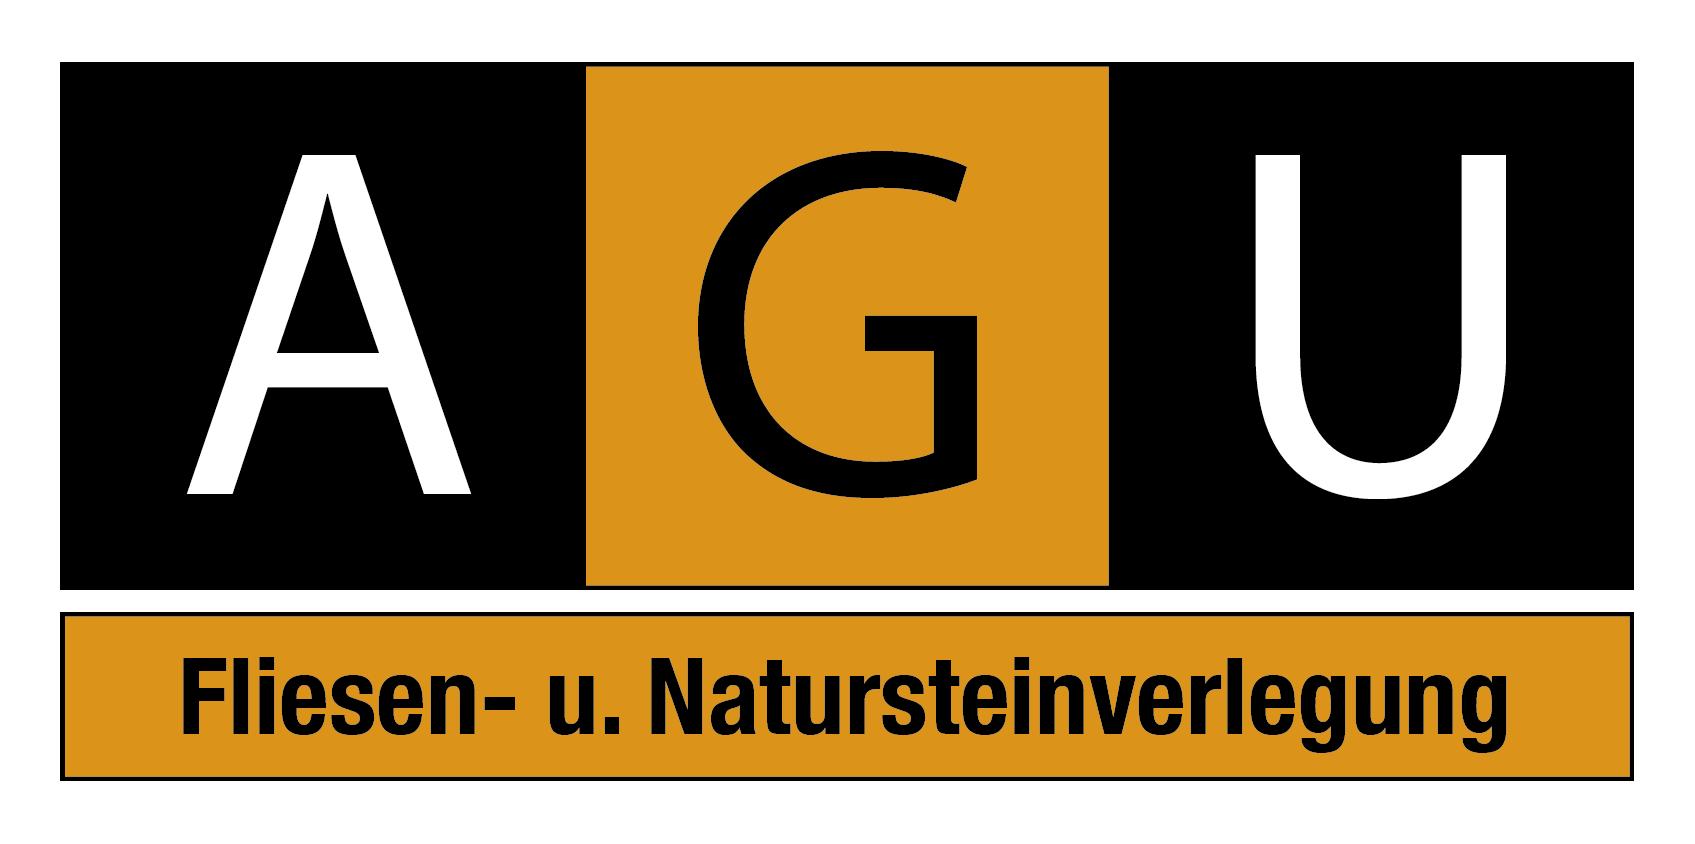 AGU Fliesenverlegung, Natursteinverlegung und Pflasterung - Linz-Land | Andreas Gerhard Unger Fliesen- u. Natursteinverlegung - Ihr Fliesenleger, Pflasterer und Natursteinverleger aus Traun im Bezirk Linz-Land - Oberösterreich.